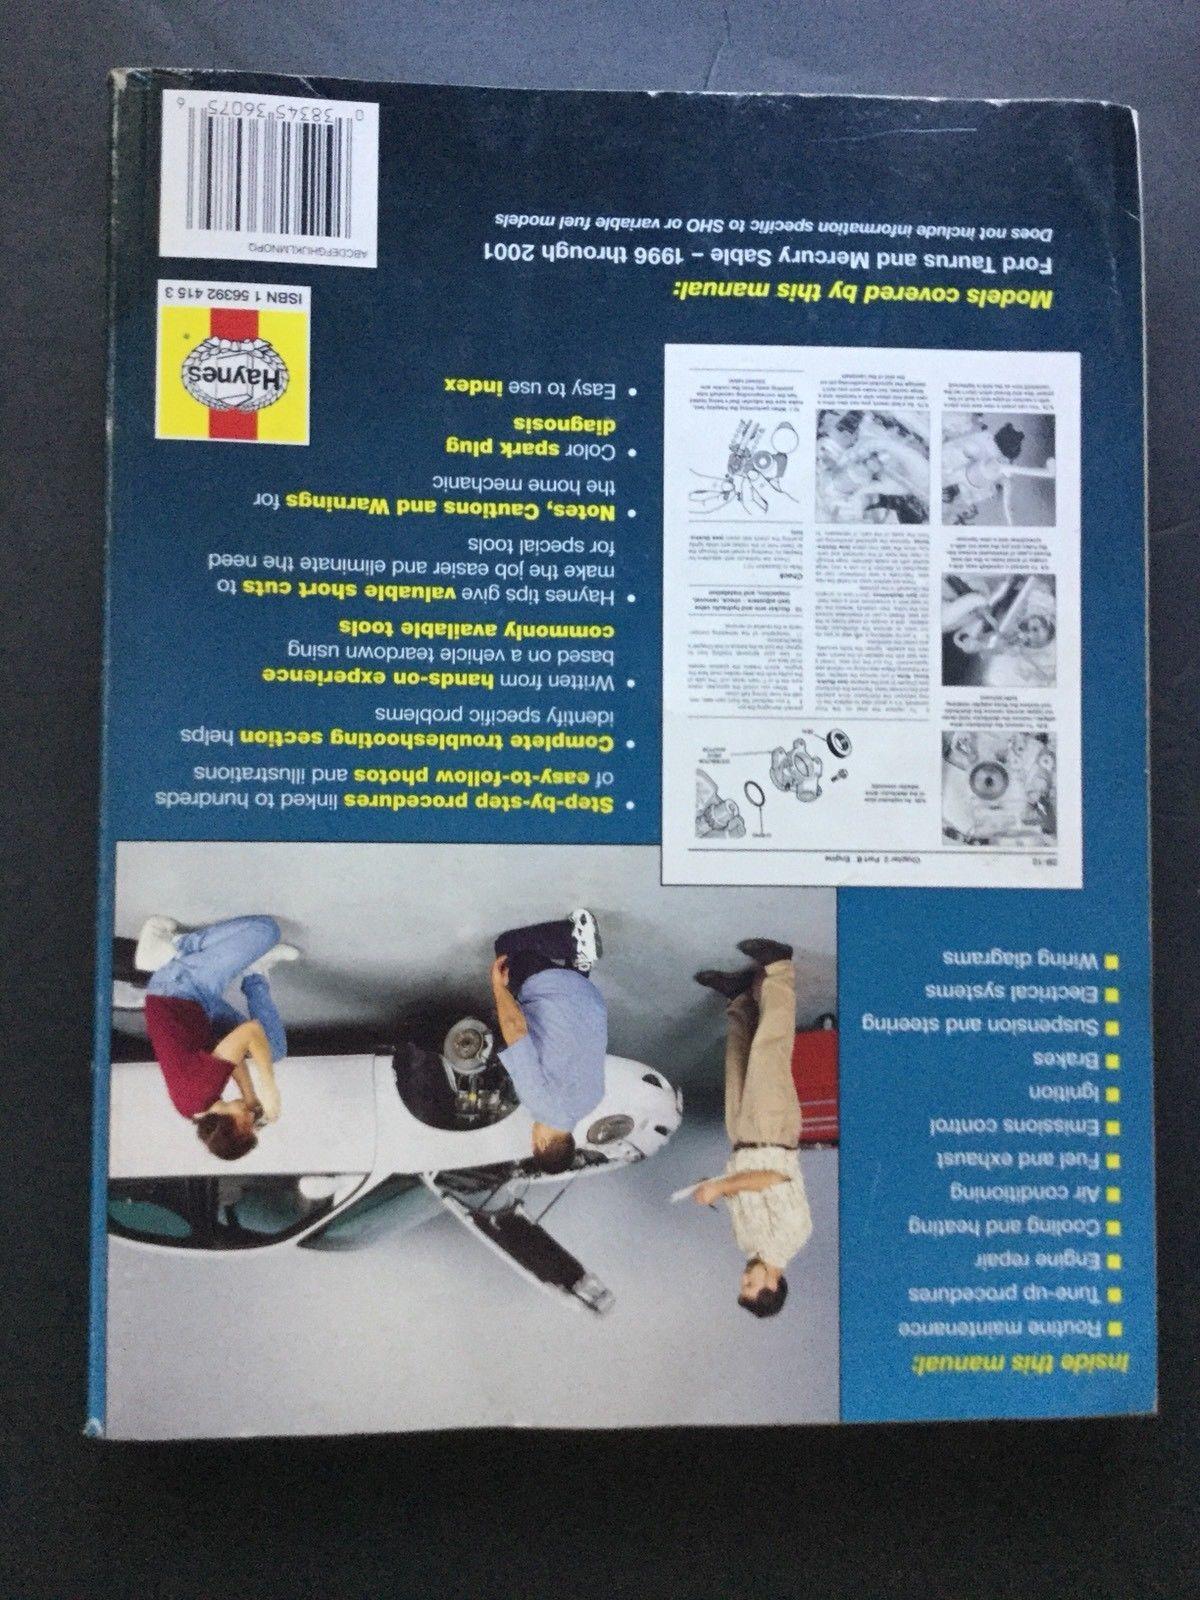 ... Haynes Repair Manual #36075 1996-2001 Ford Taurus and Mercury Sable